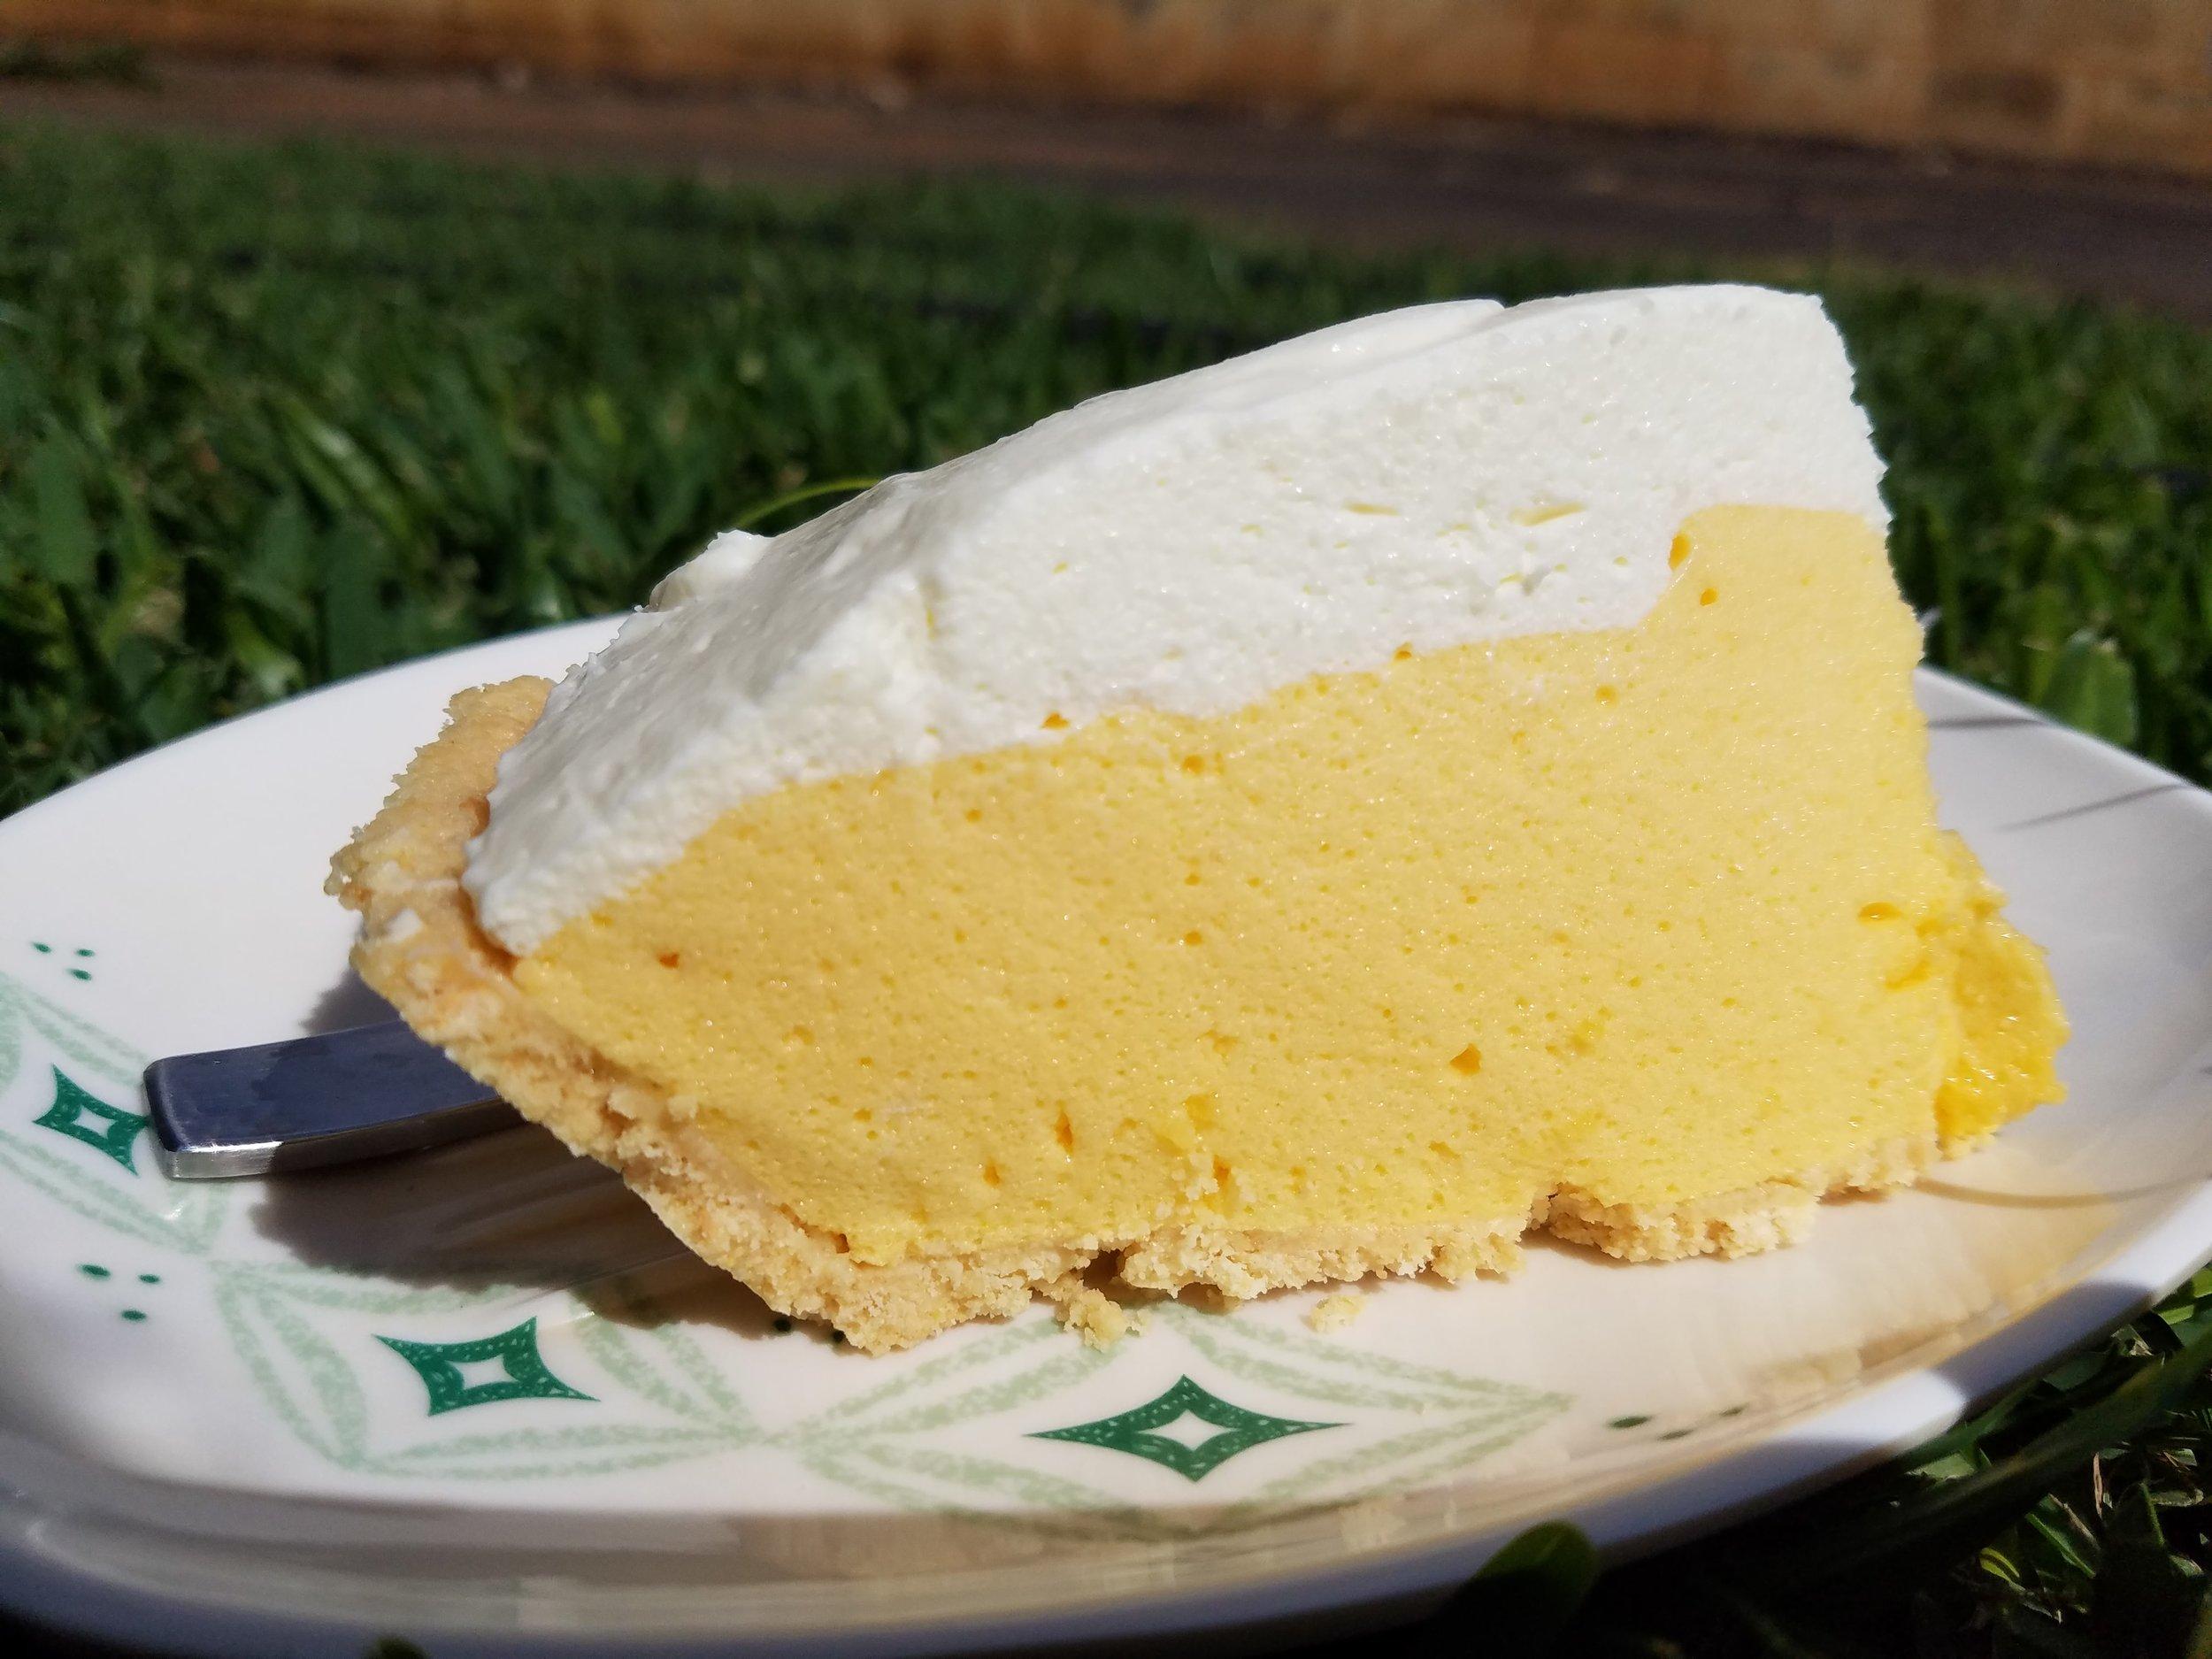 Perks of having a farm = Fresh fruits for fresh pies!